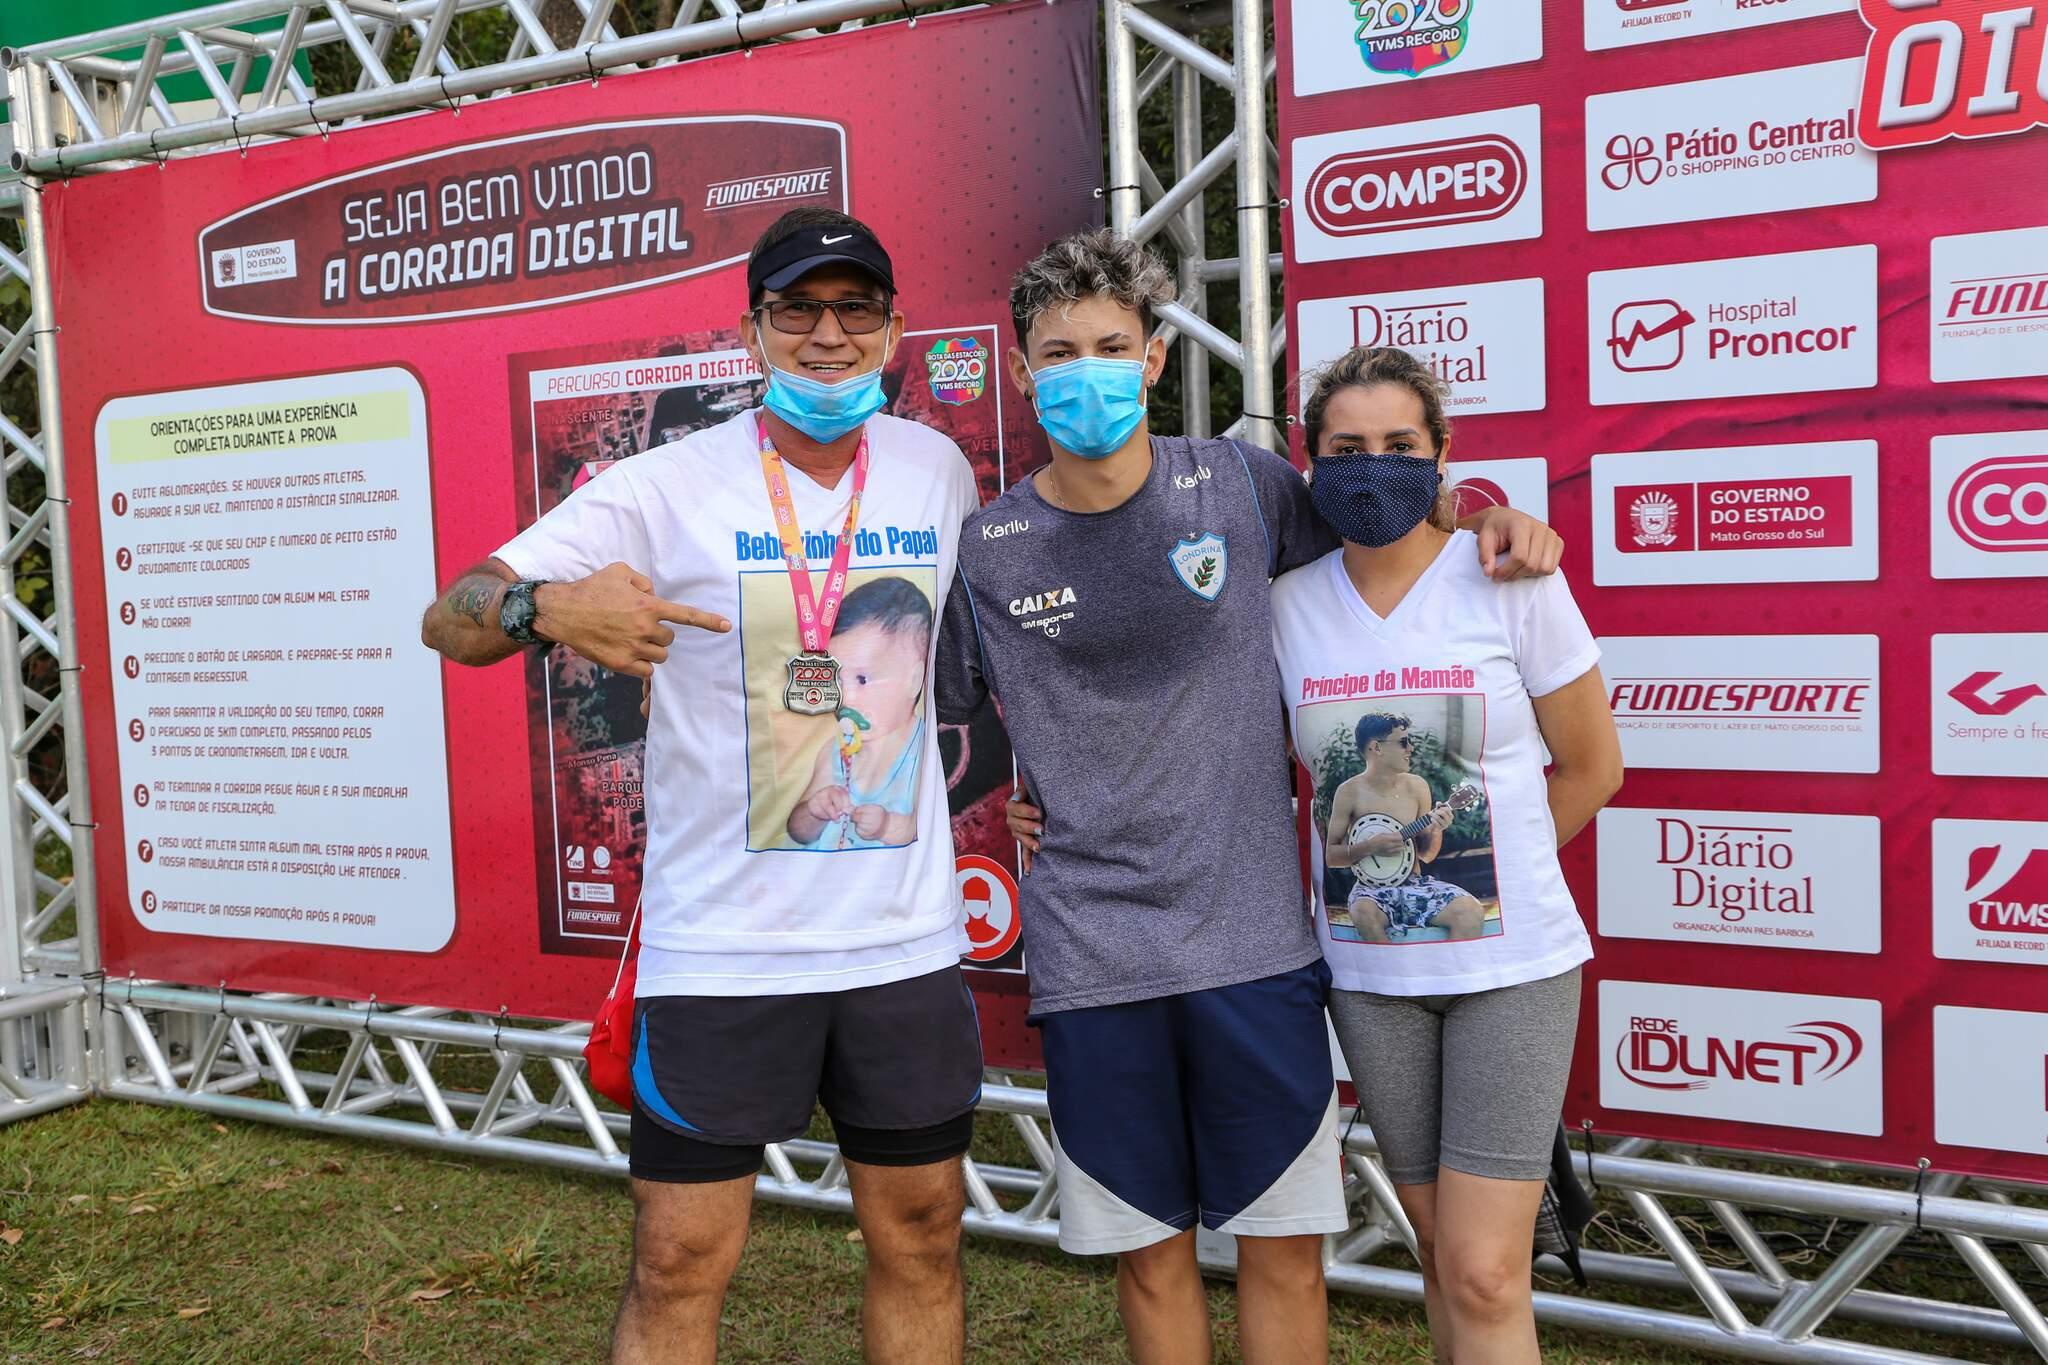 Competidor Jarderson, à esquerda, ao lado do filho, Vinícius, e da esposa; corredor homenageou o familiar (Foto: Kísie Ainoã)